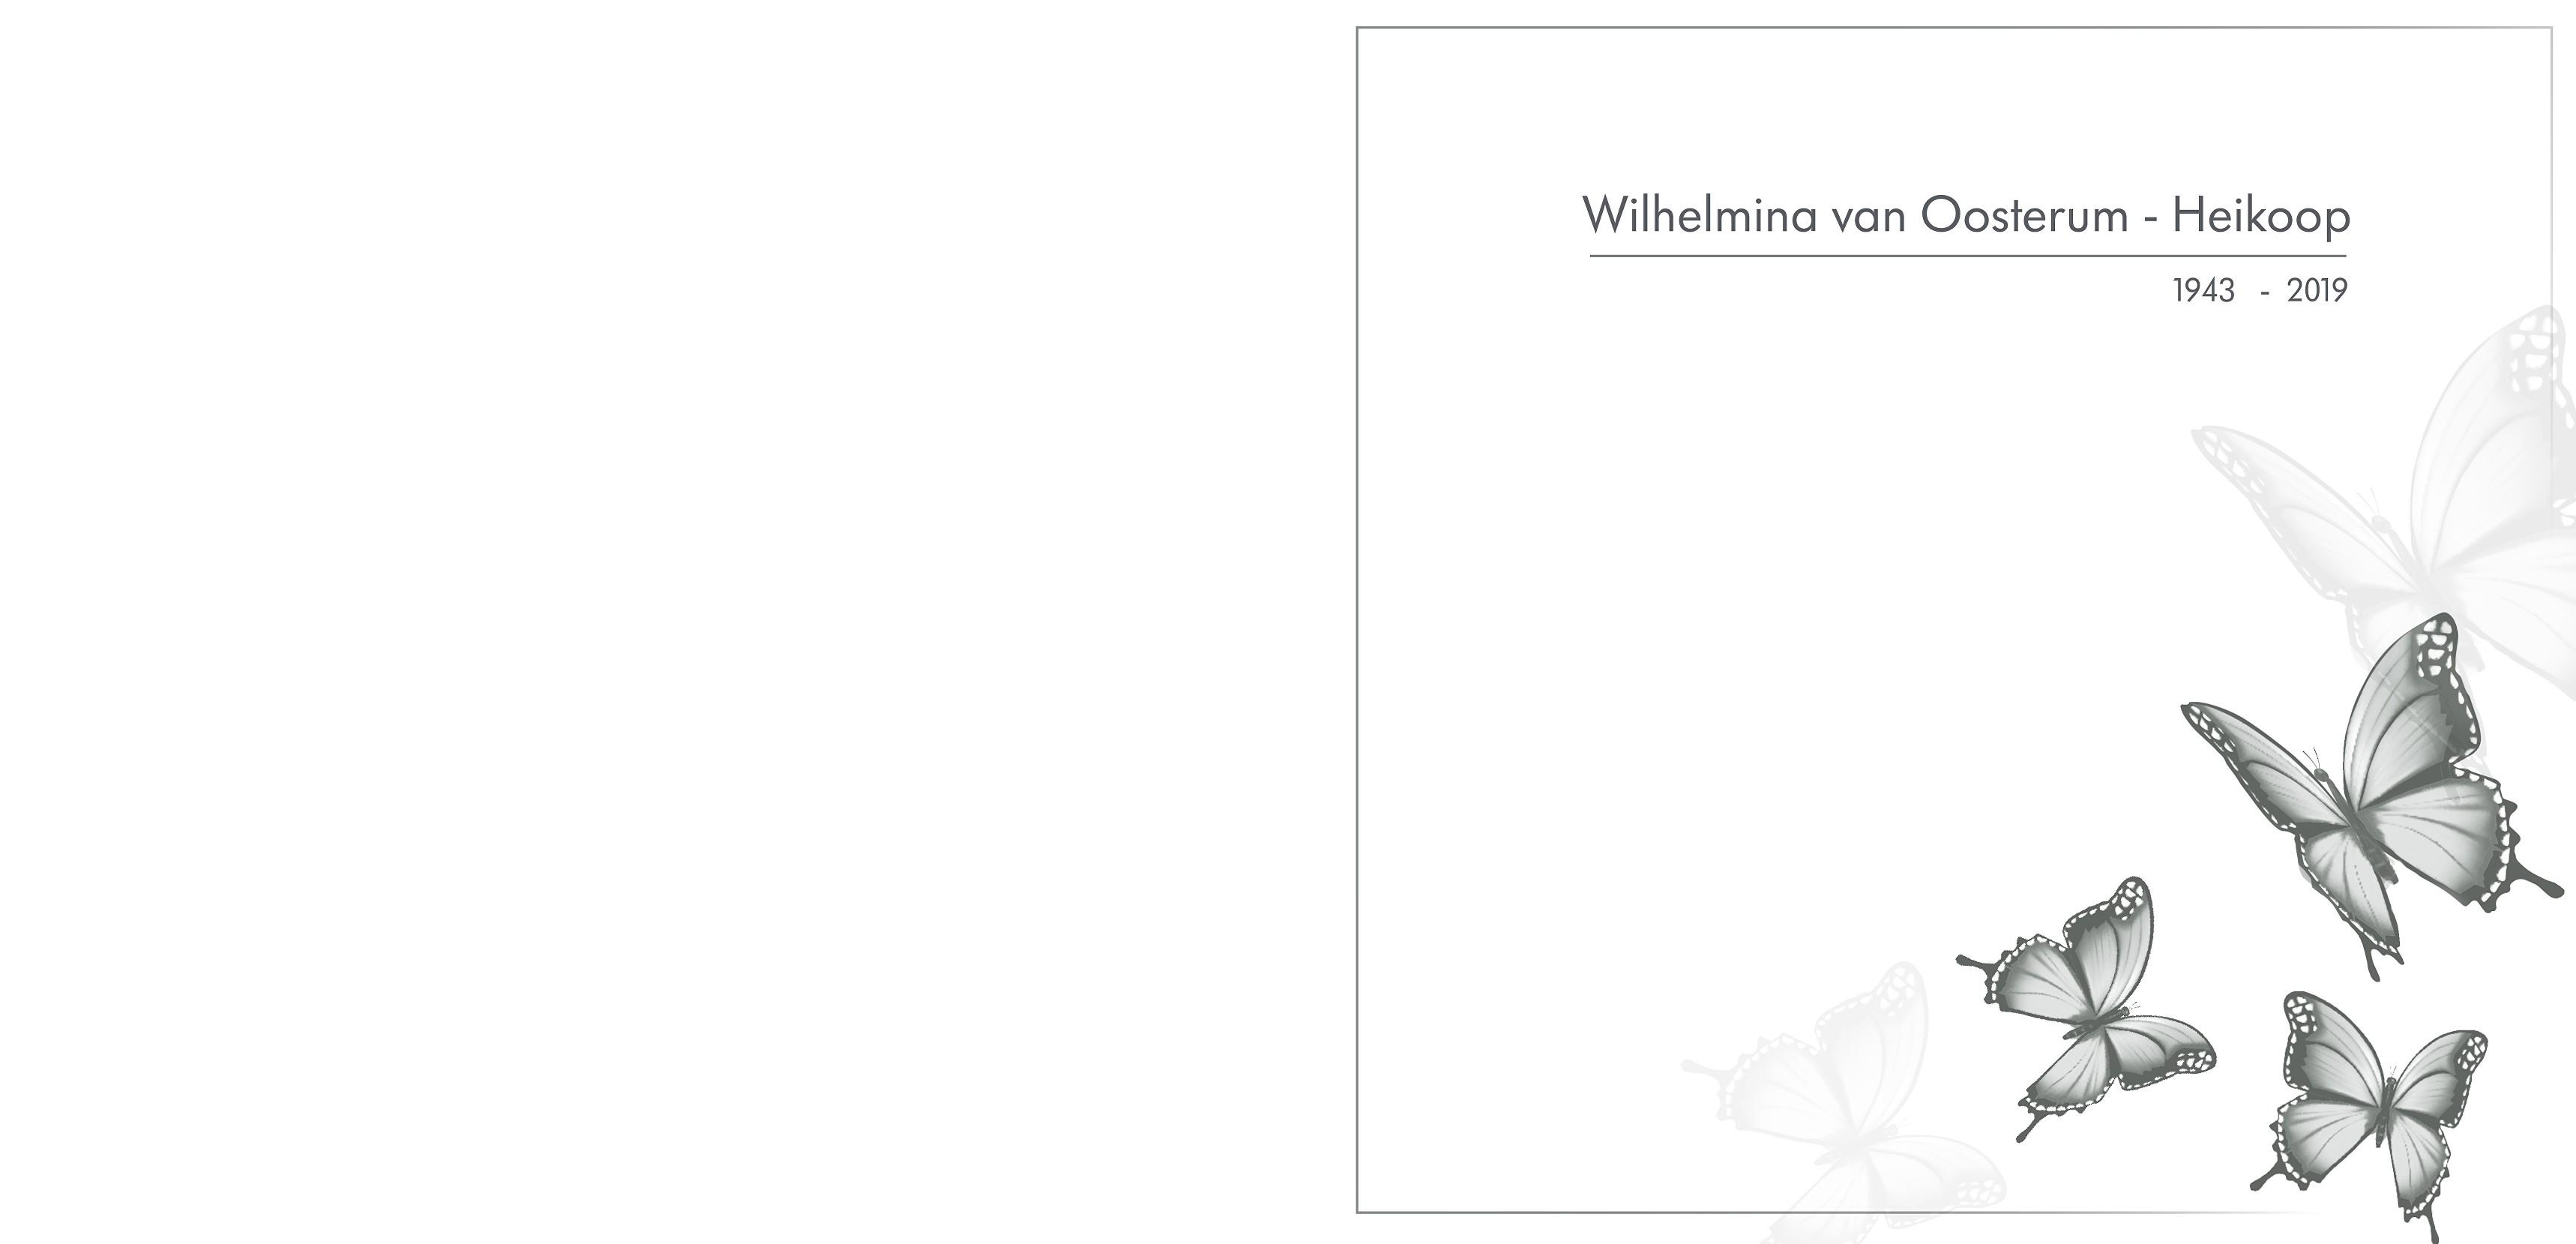 Wil van Oosterum - Heikoop Death notice